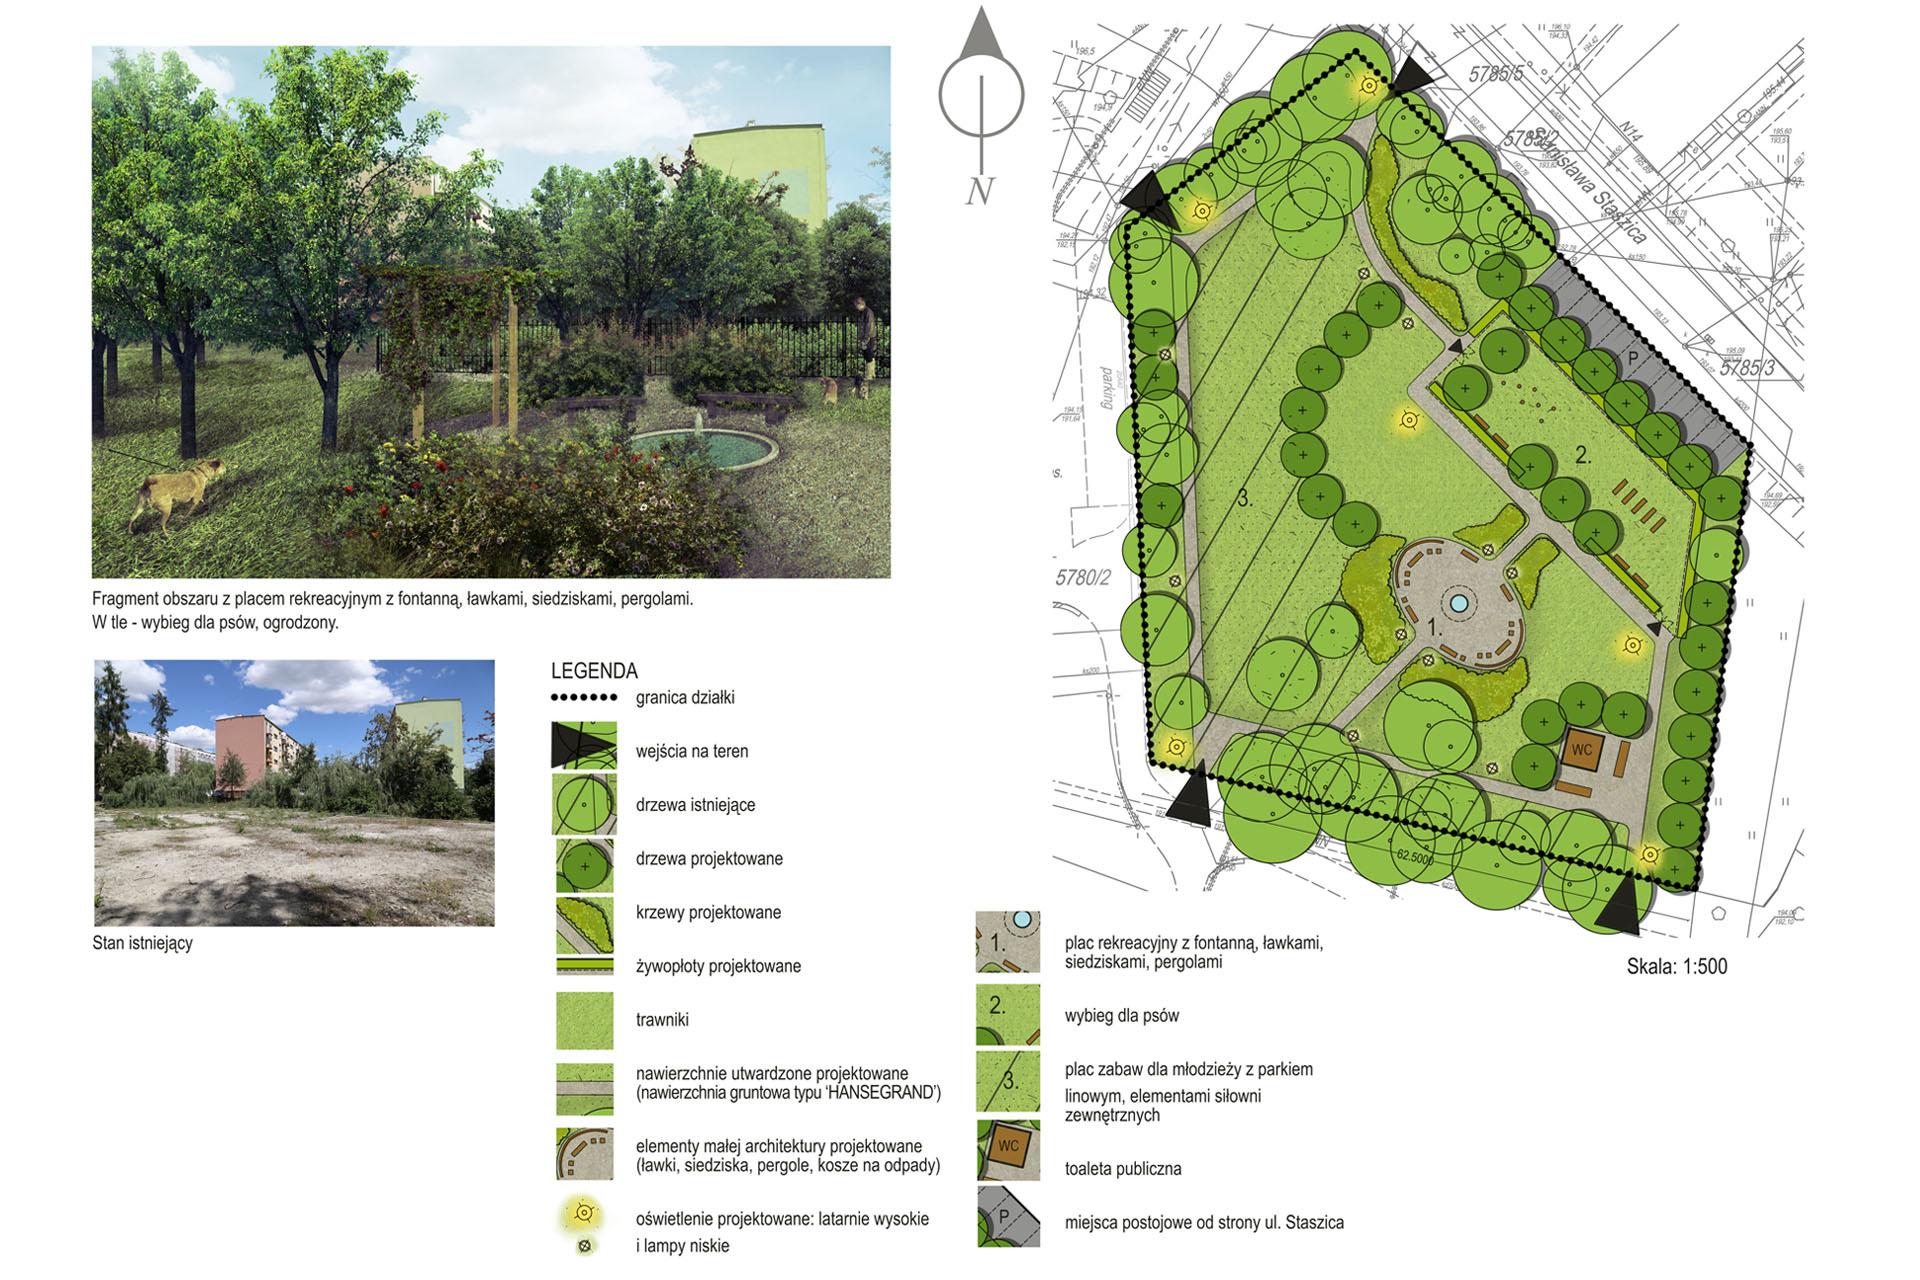 Kompleksowe zagospodarowanie obszarów zielonych w Staszówie